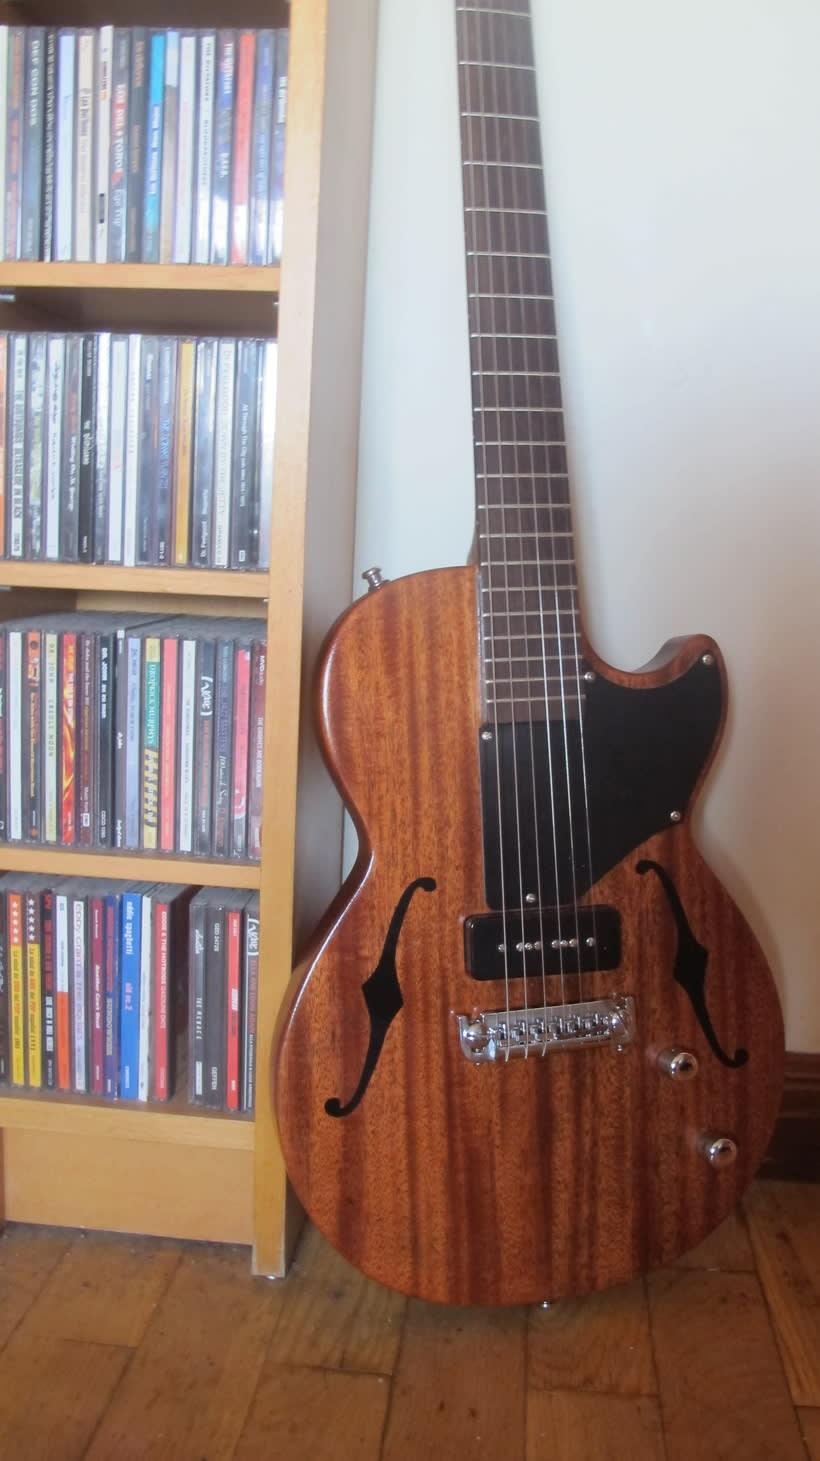 Berry; Guitarra eléctrica con estética vintage 0